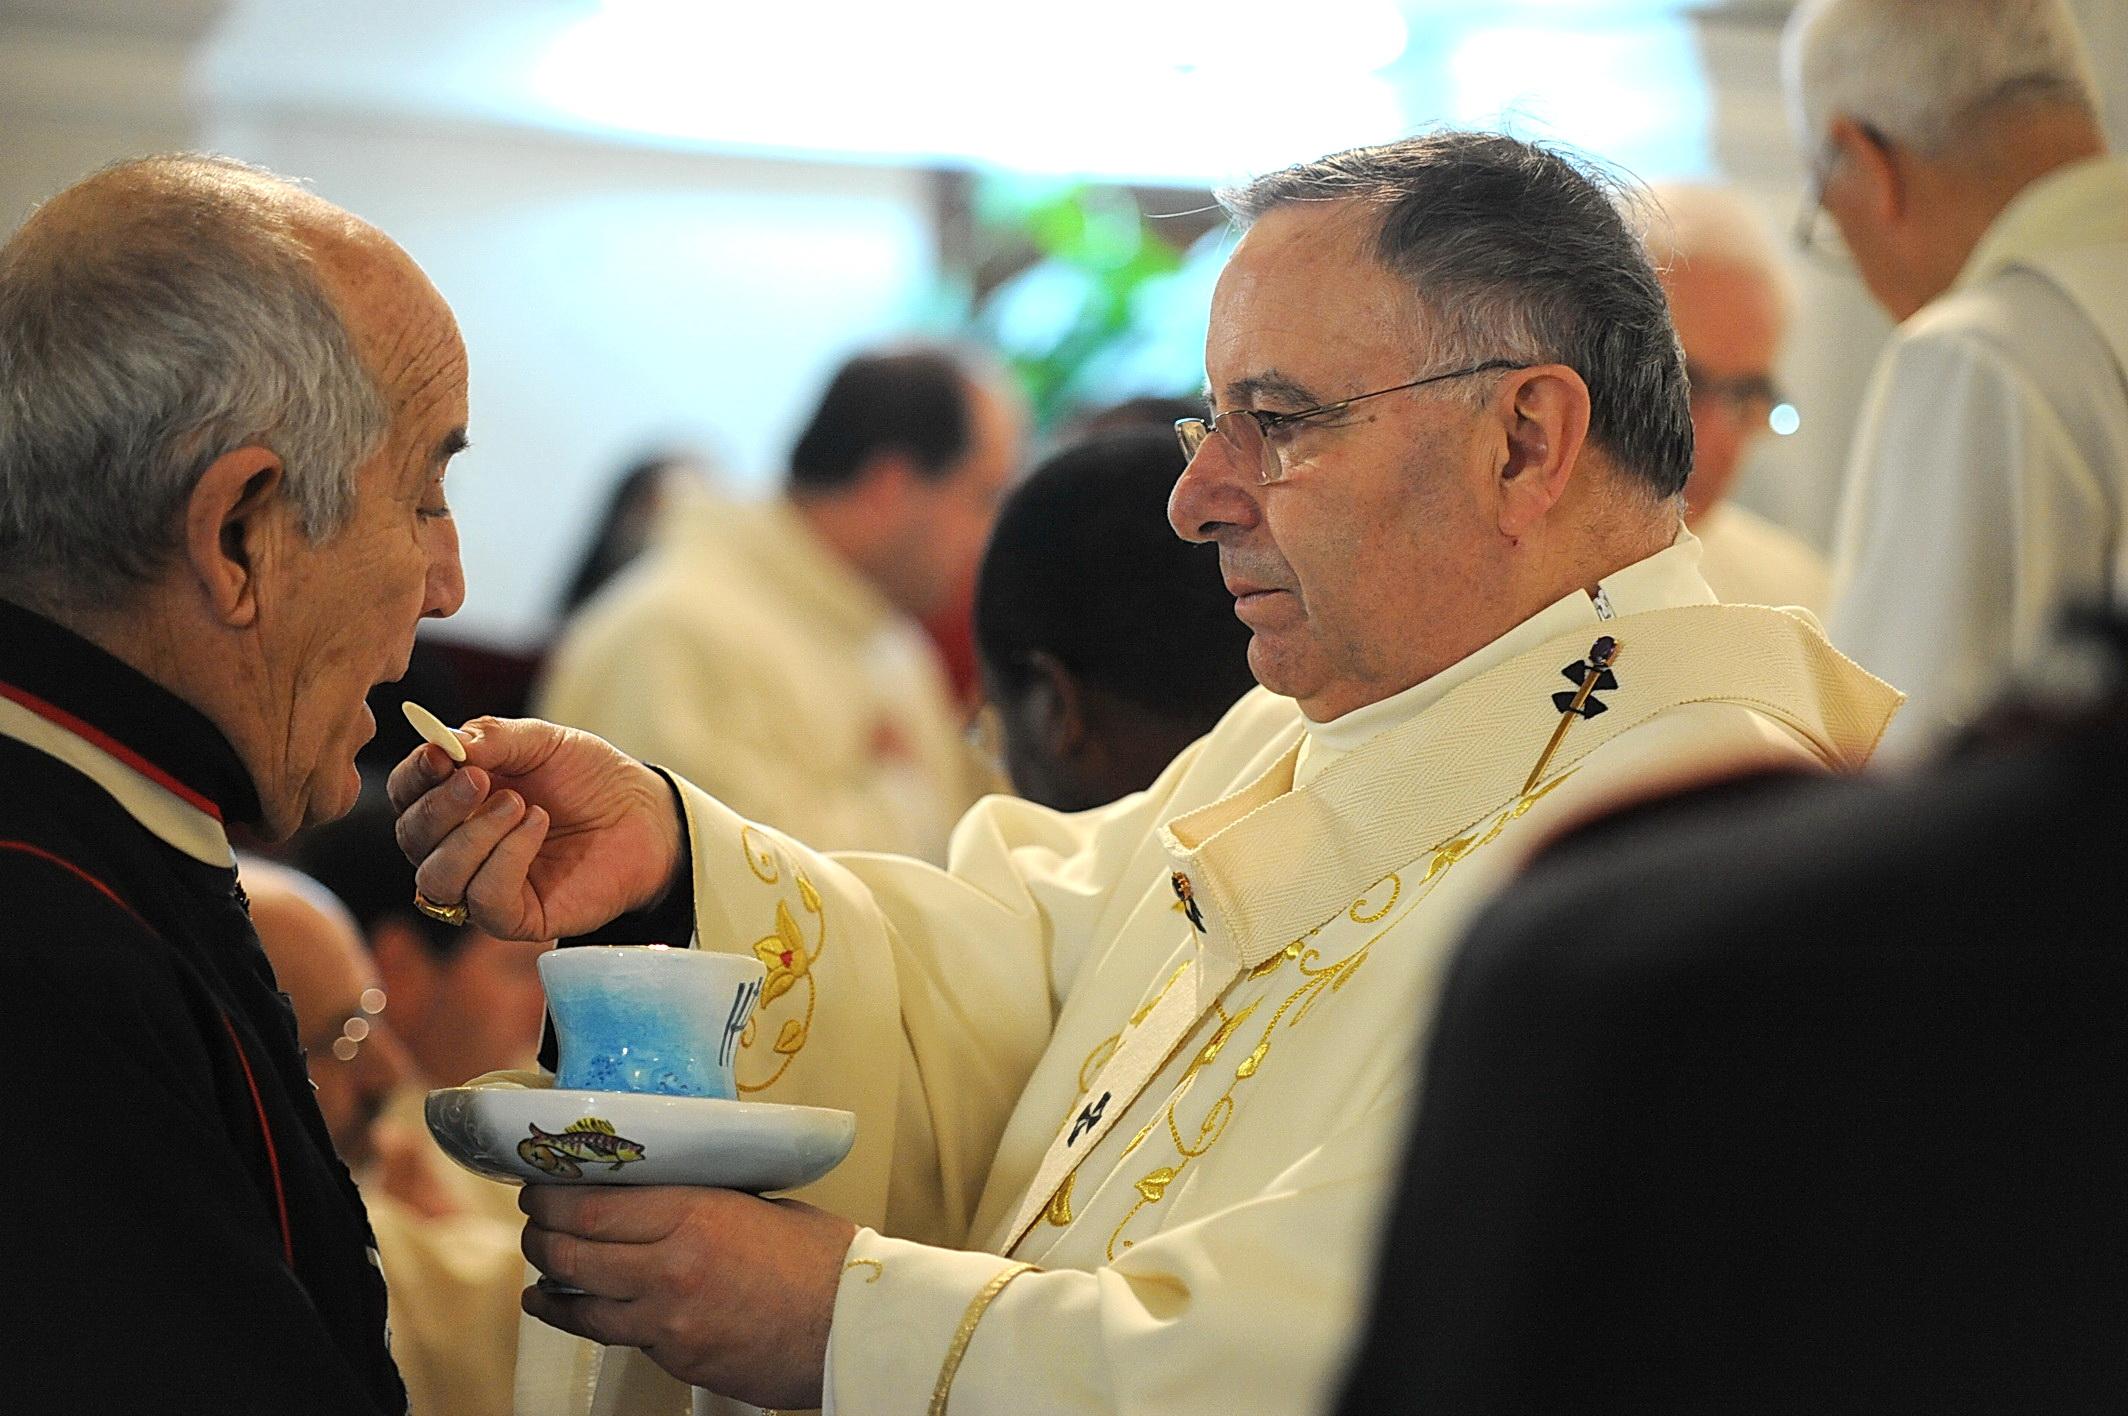 L'arcivescovo di Agrigento sospende messe, matrimoni e funerali